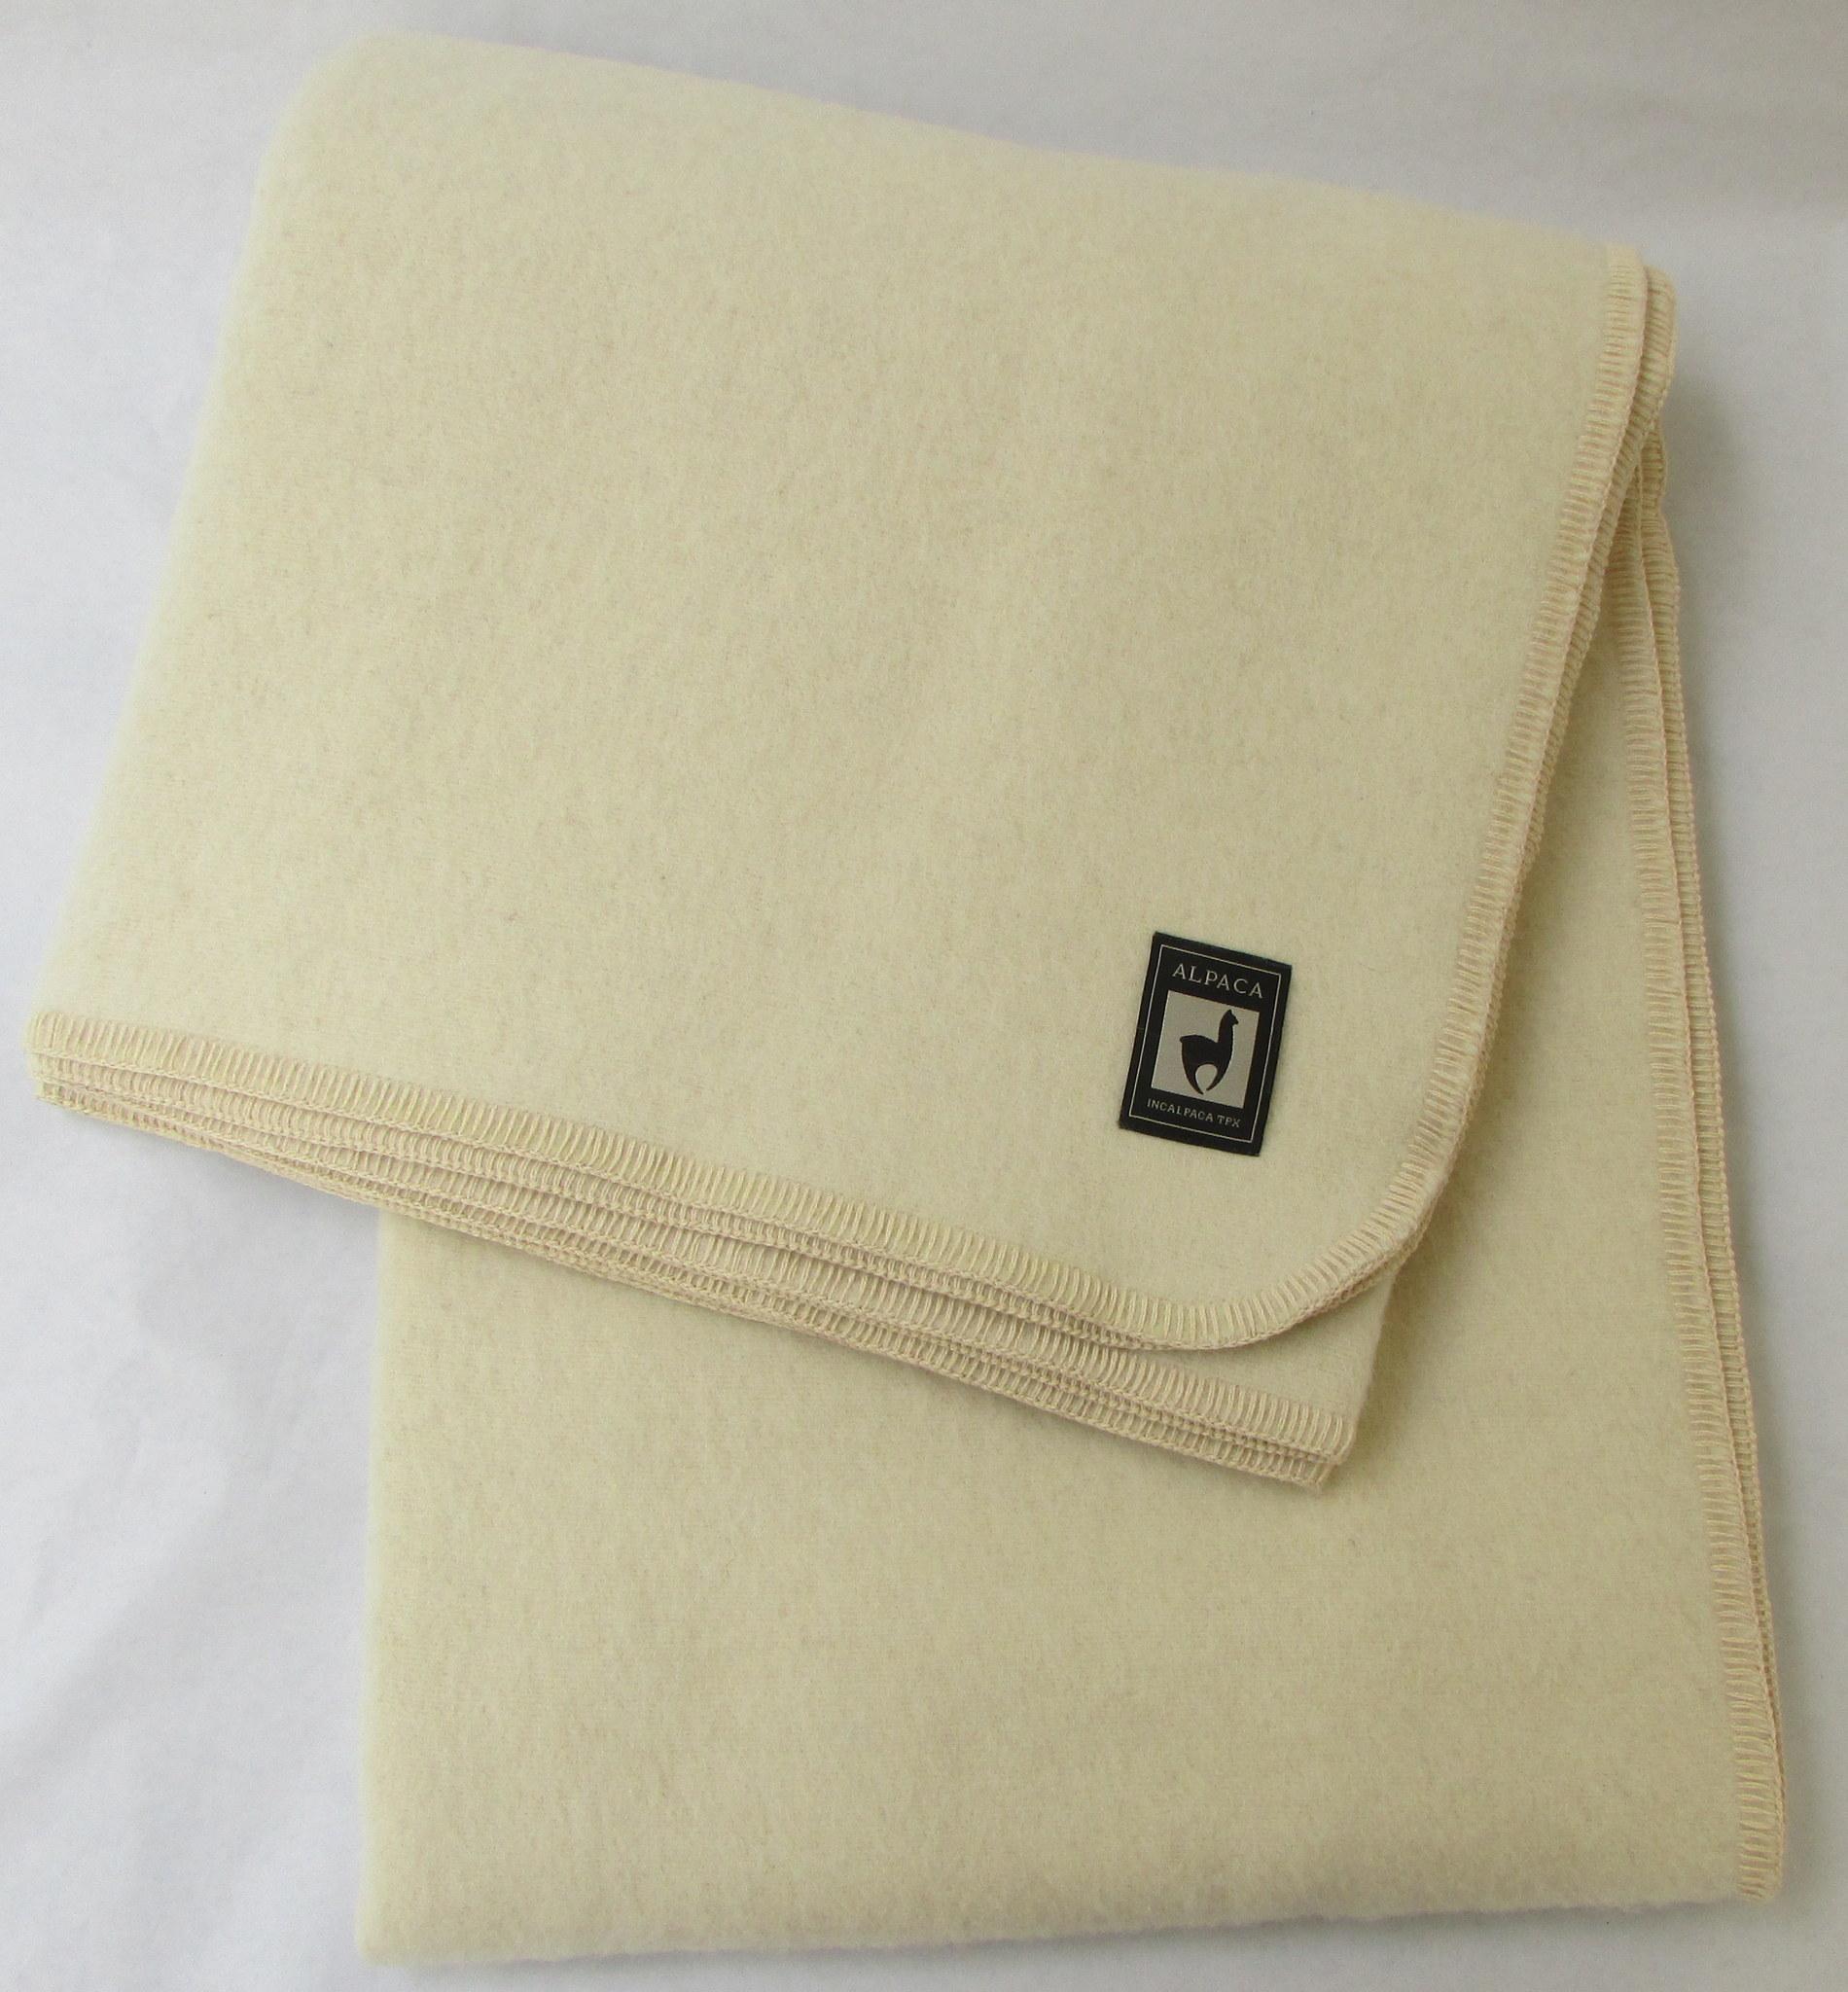 Шерстяные одеяла Одеяло INCALPACA  Перу из шерсти альпаки OA-2 OA-2.JPG